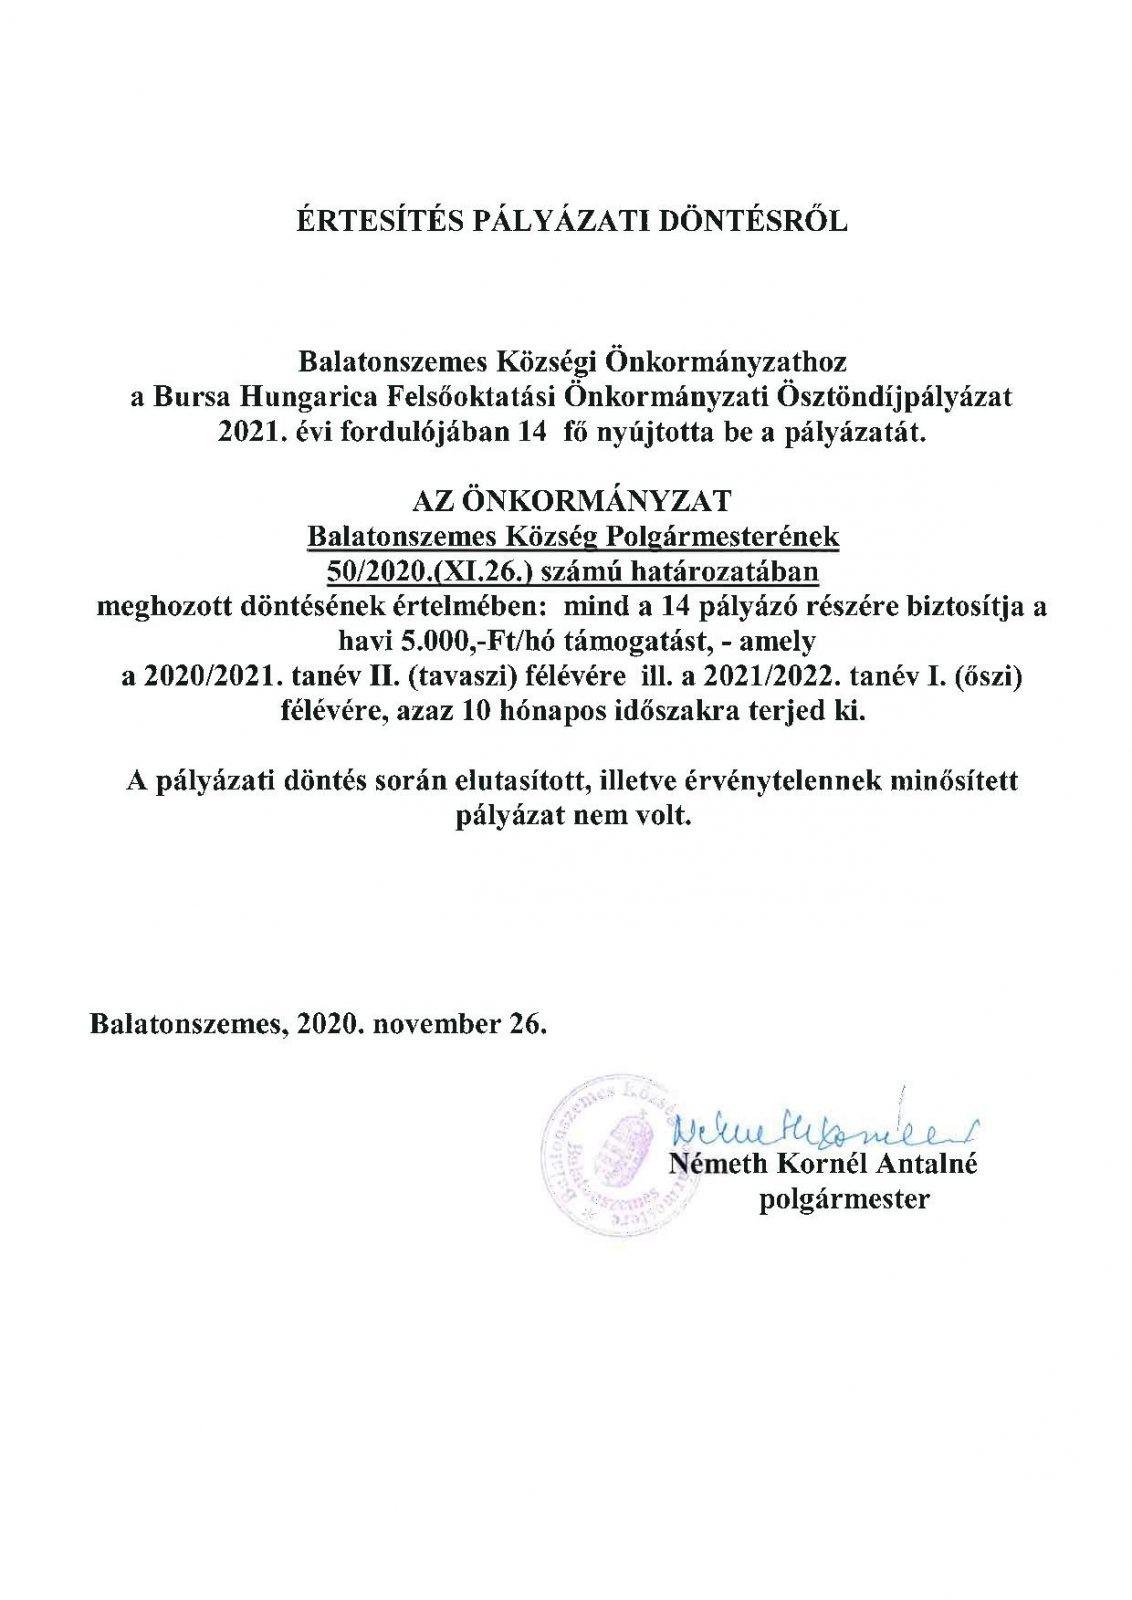 Bursa 2021 eredmeny Bursa 2021 (eredmény)